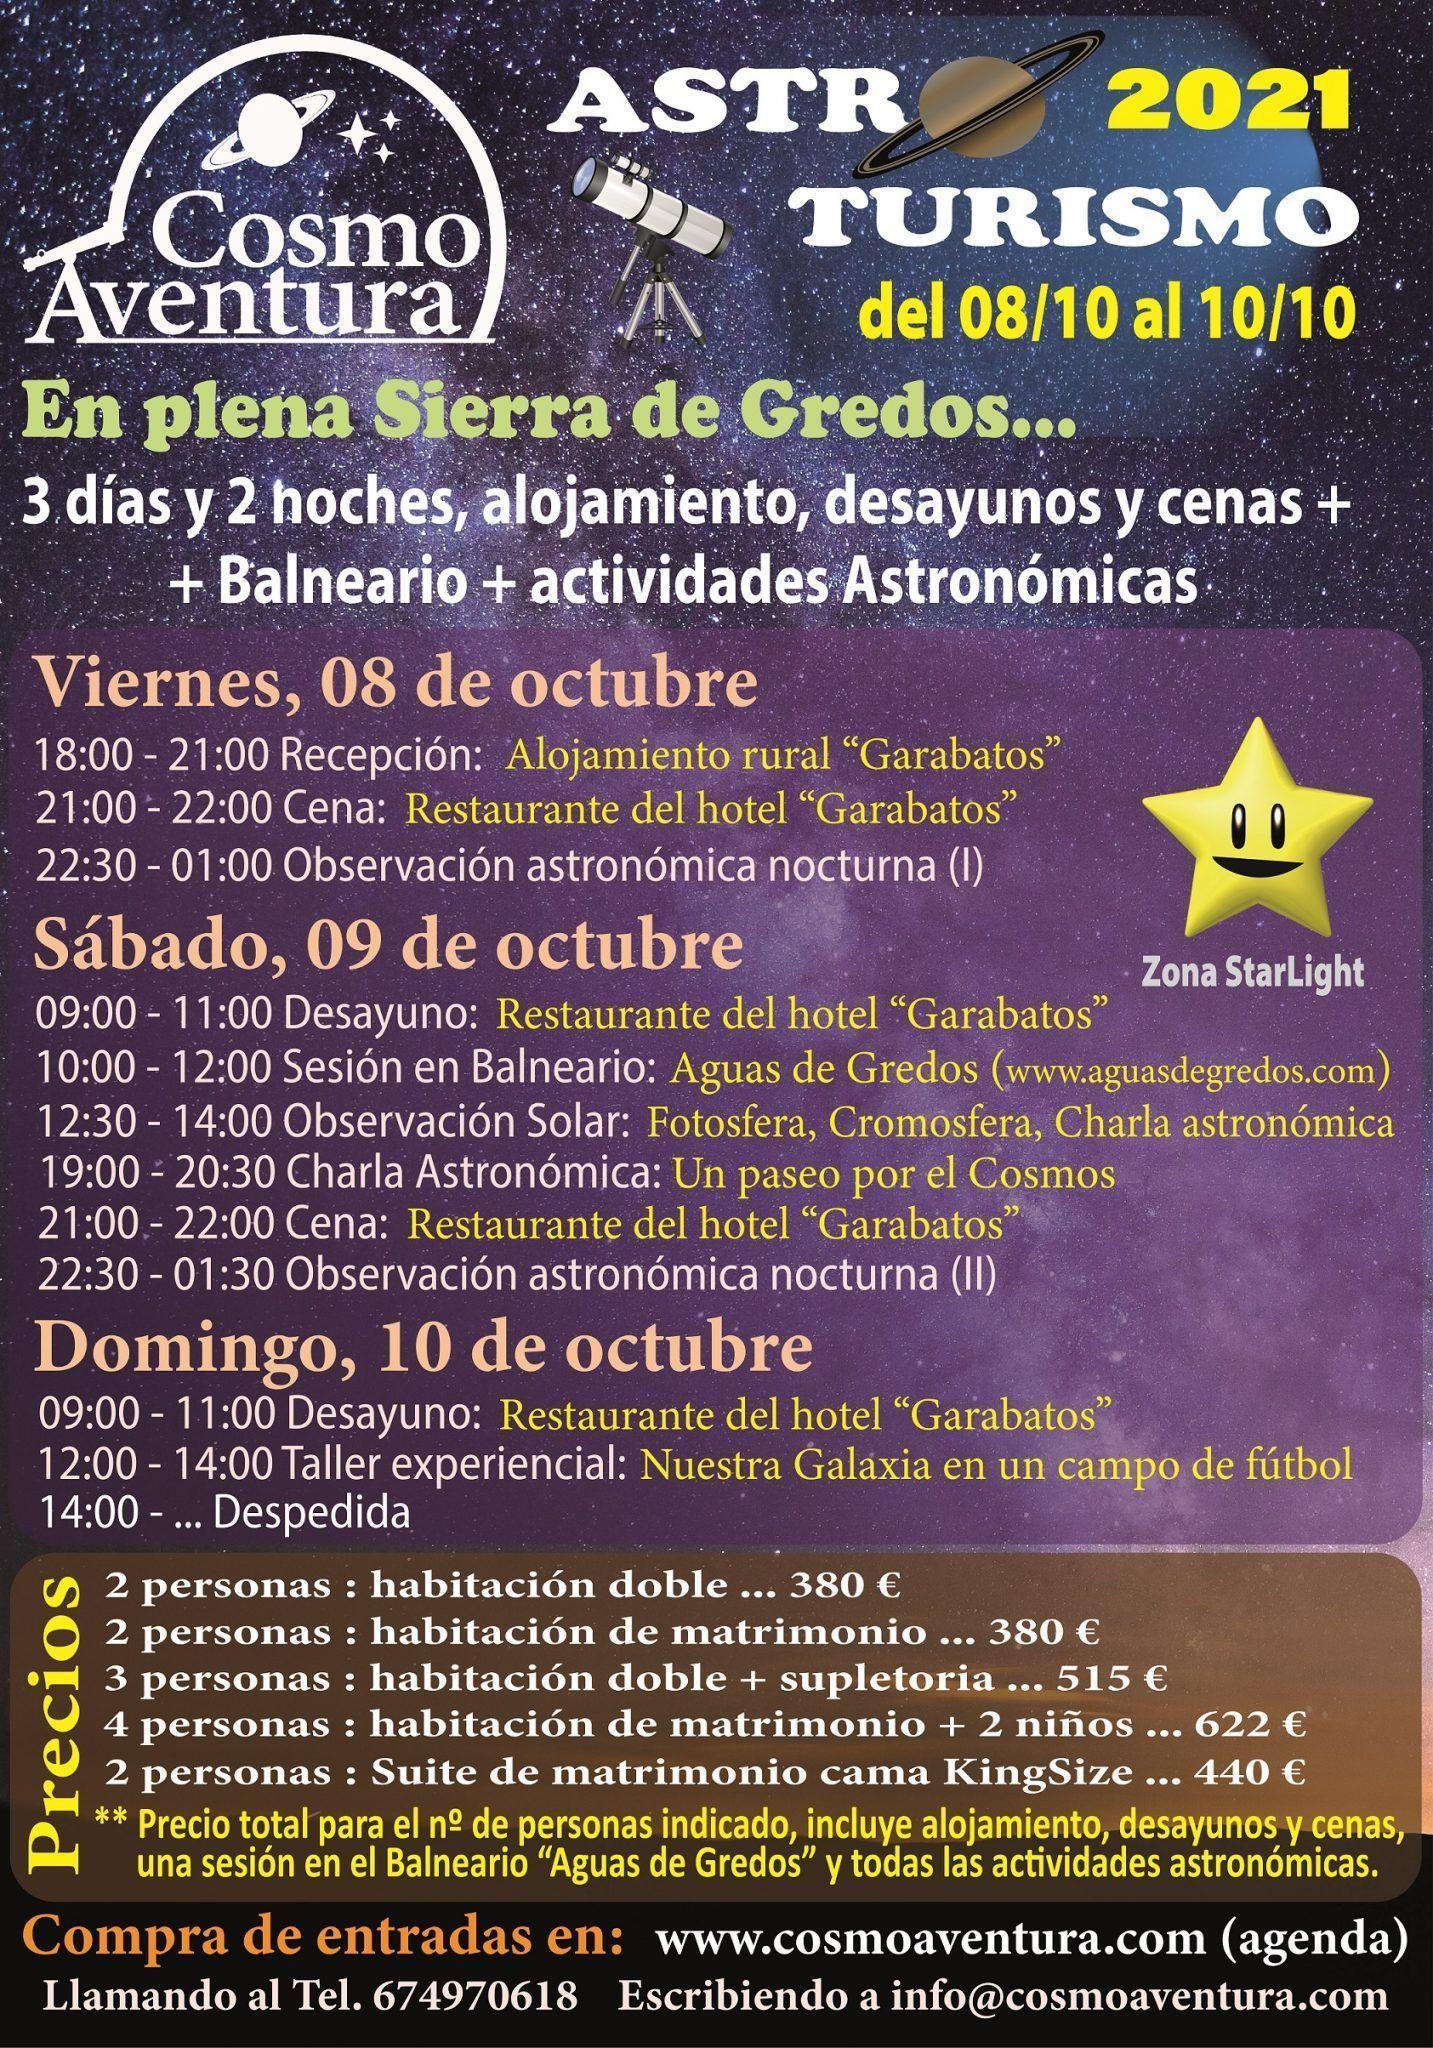 (COMPLETO) 08, 09 y 10 de Octubre… Fin de semana completo de jornadas de AstroTurismo en la Sierra de Gredos